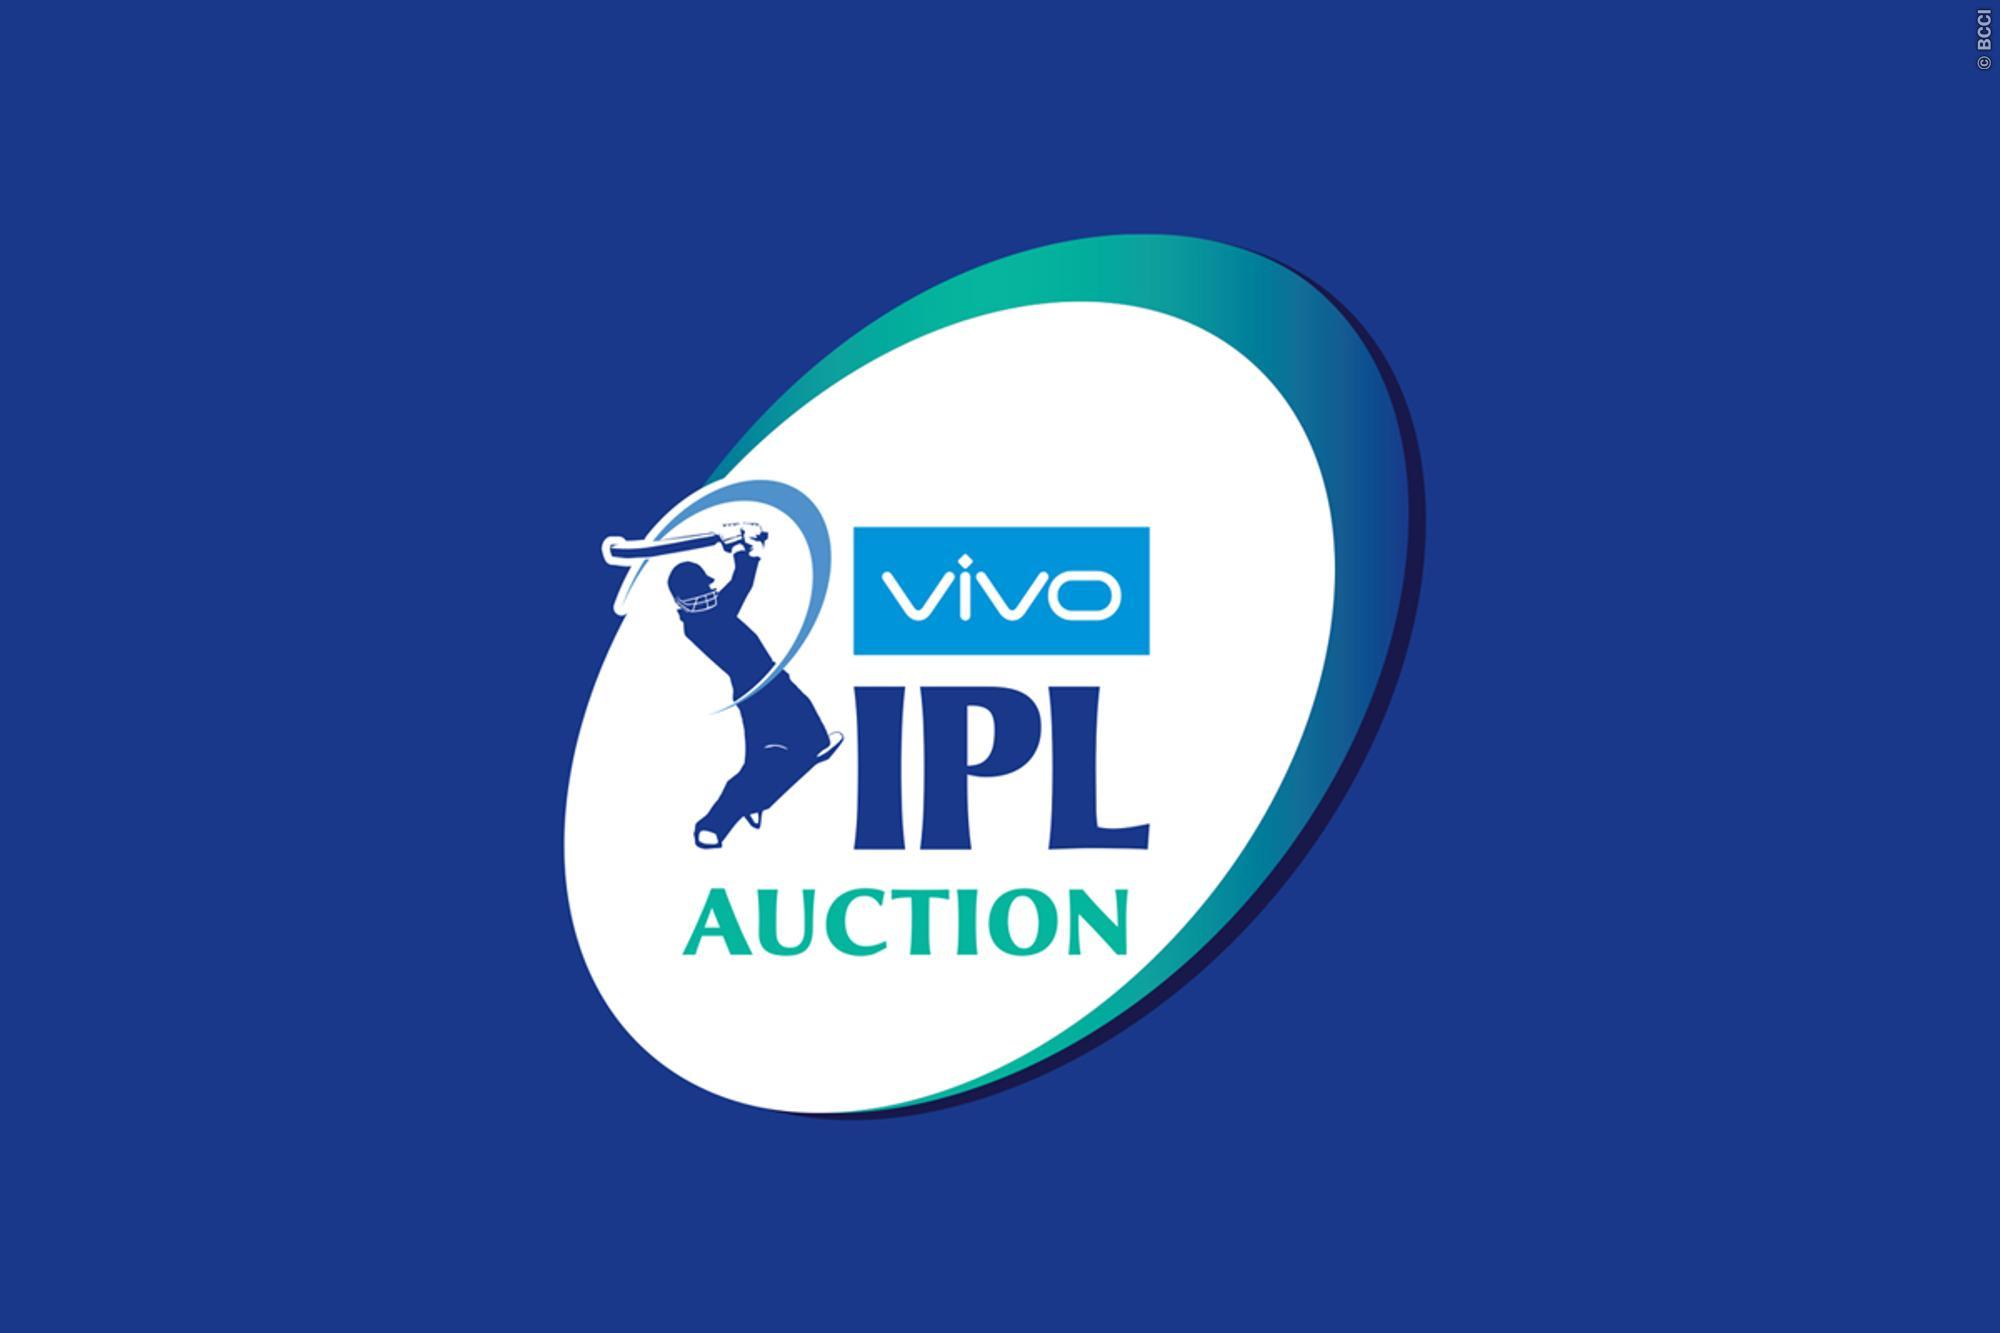 IPL AUCTION: कल नीलामी में मालामाल बन सकते हैं, यह 5 भारतीय तेज गेंदबाज 19